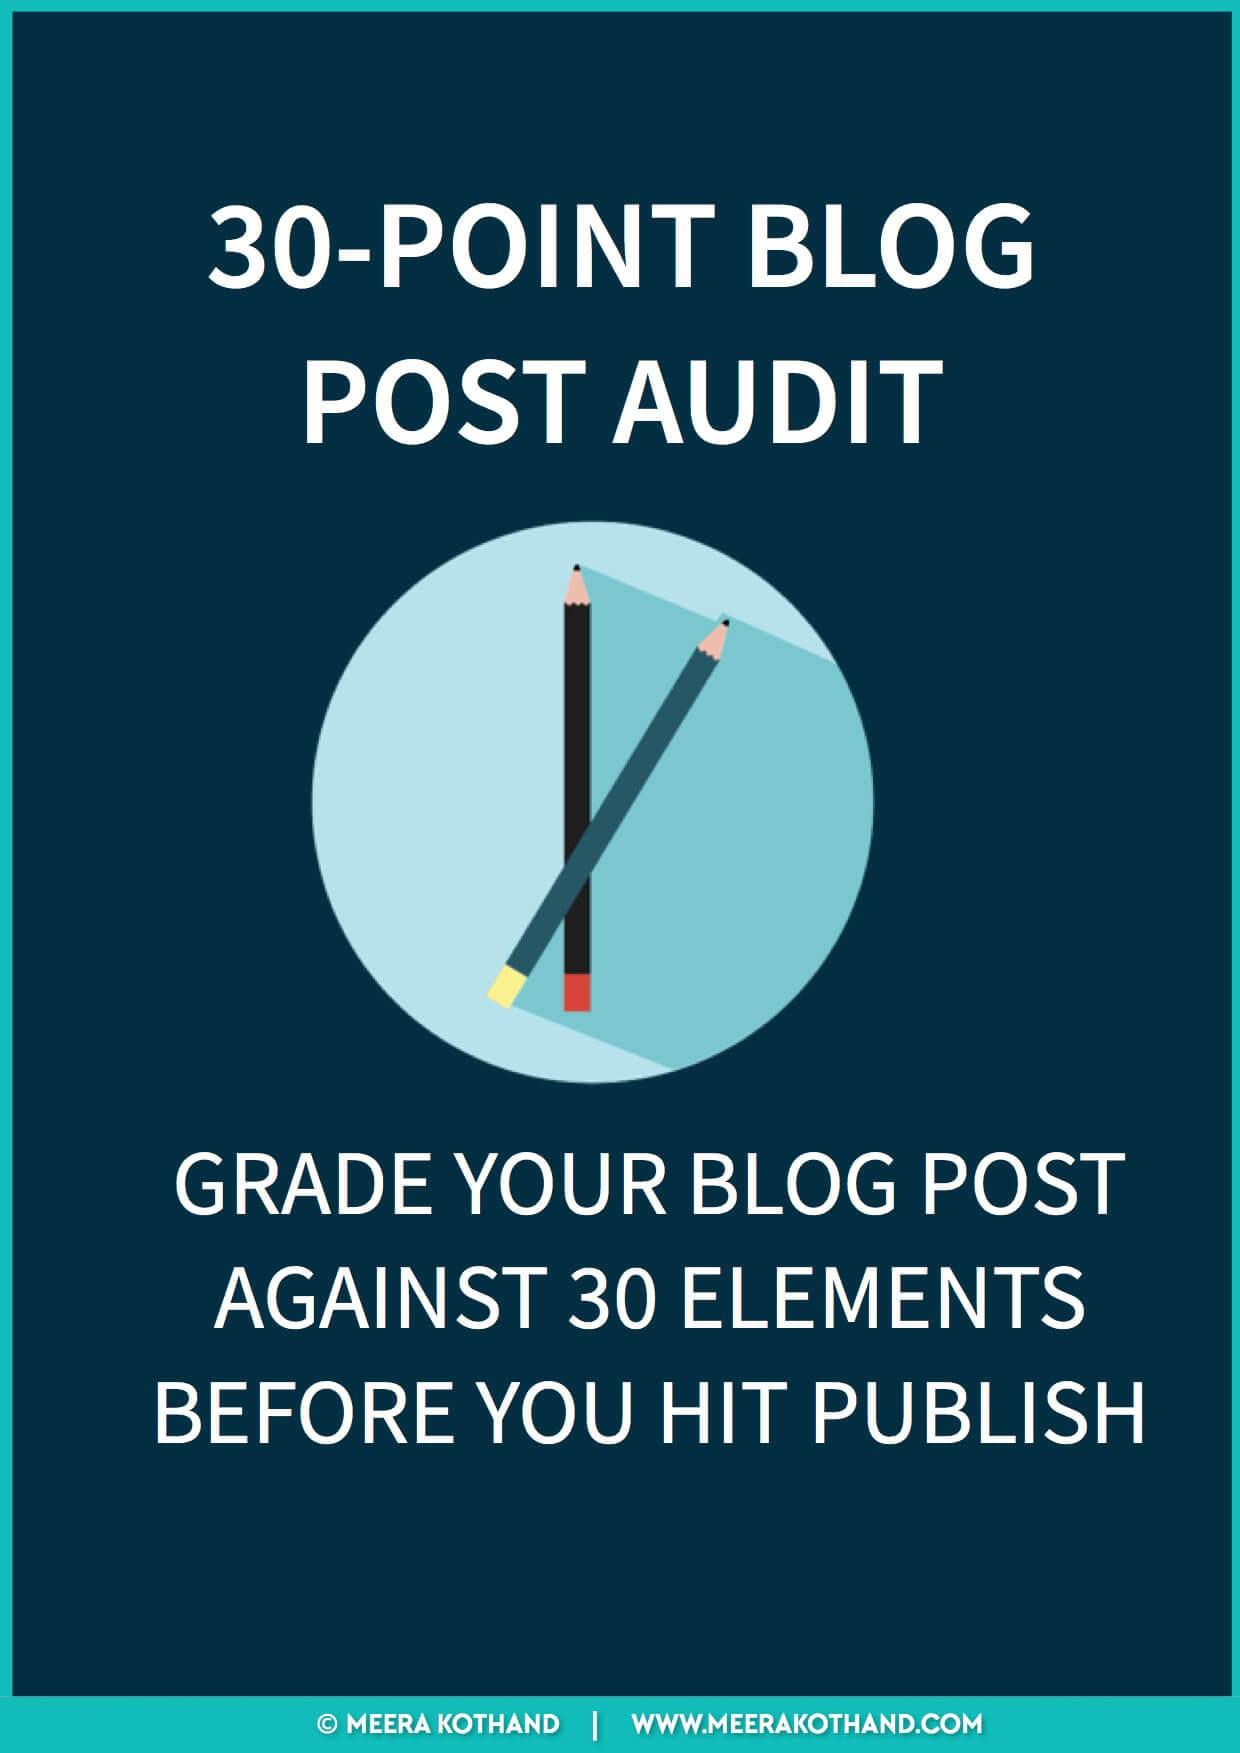 [Checklist] 30-POINT BLOG POST AUDIT